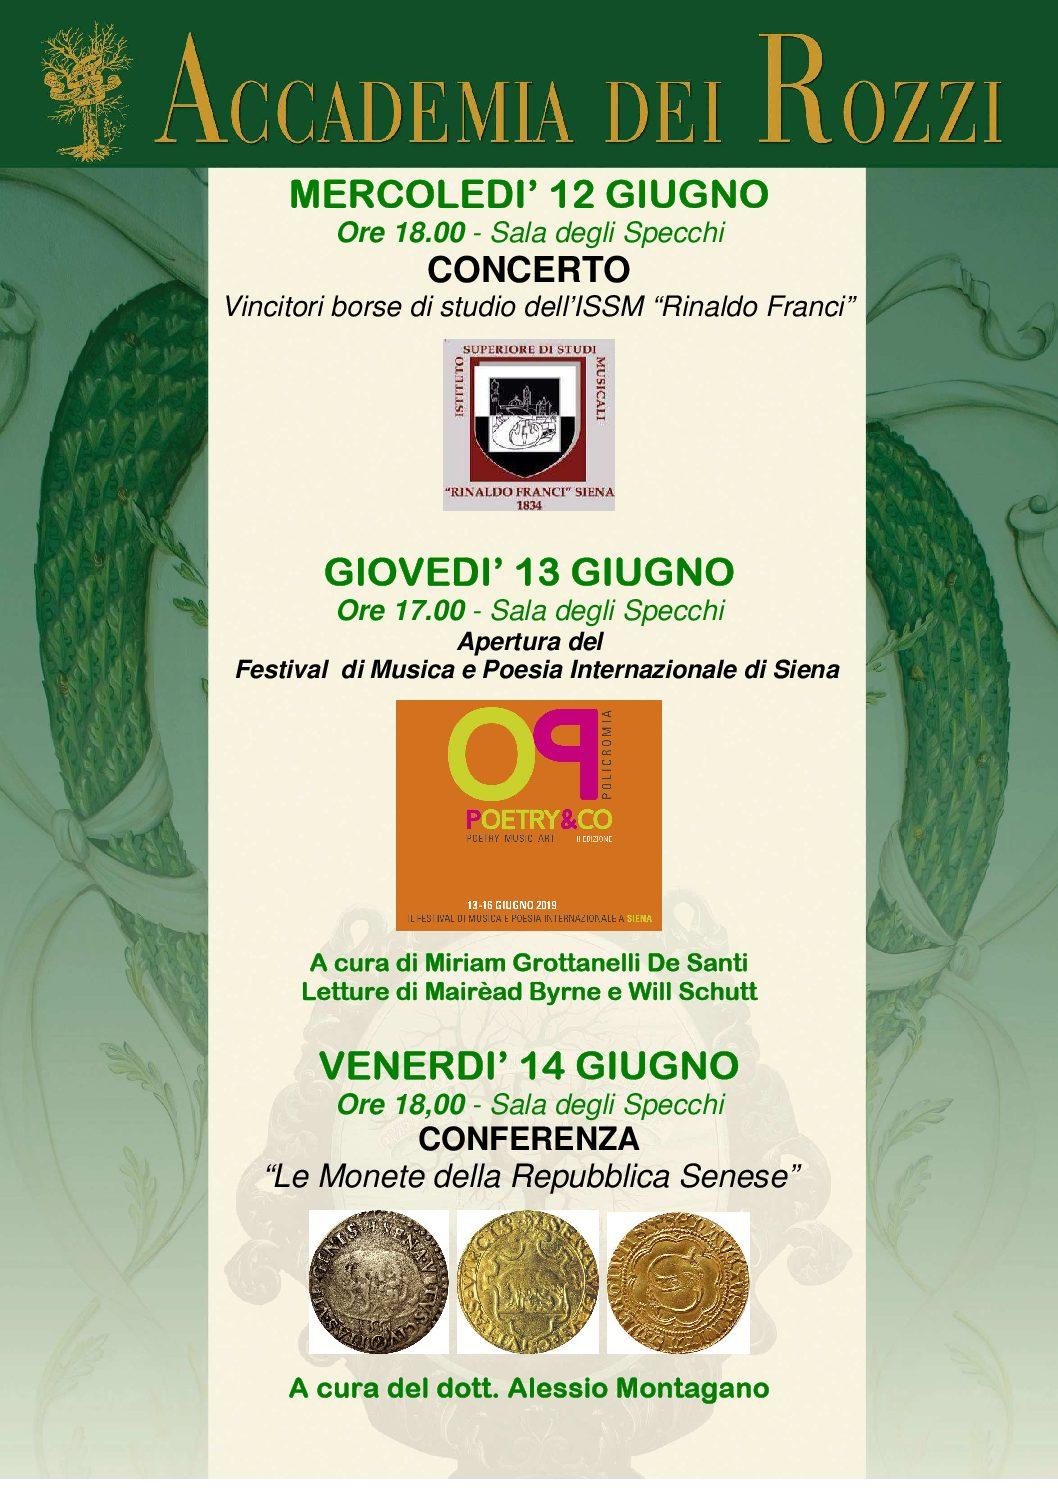 Musica, poesia e storia senese. In mostra alcune antiche monete della Repubblica di Siena